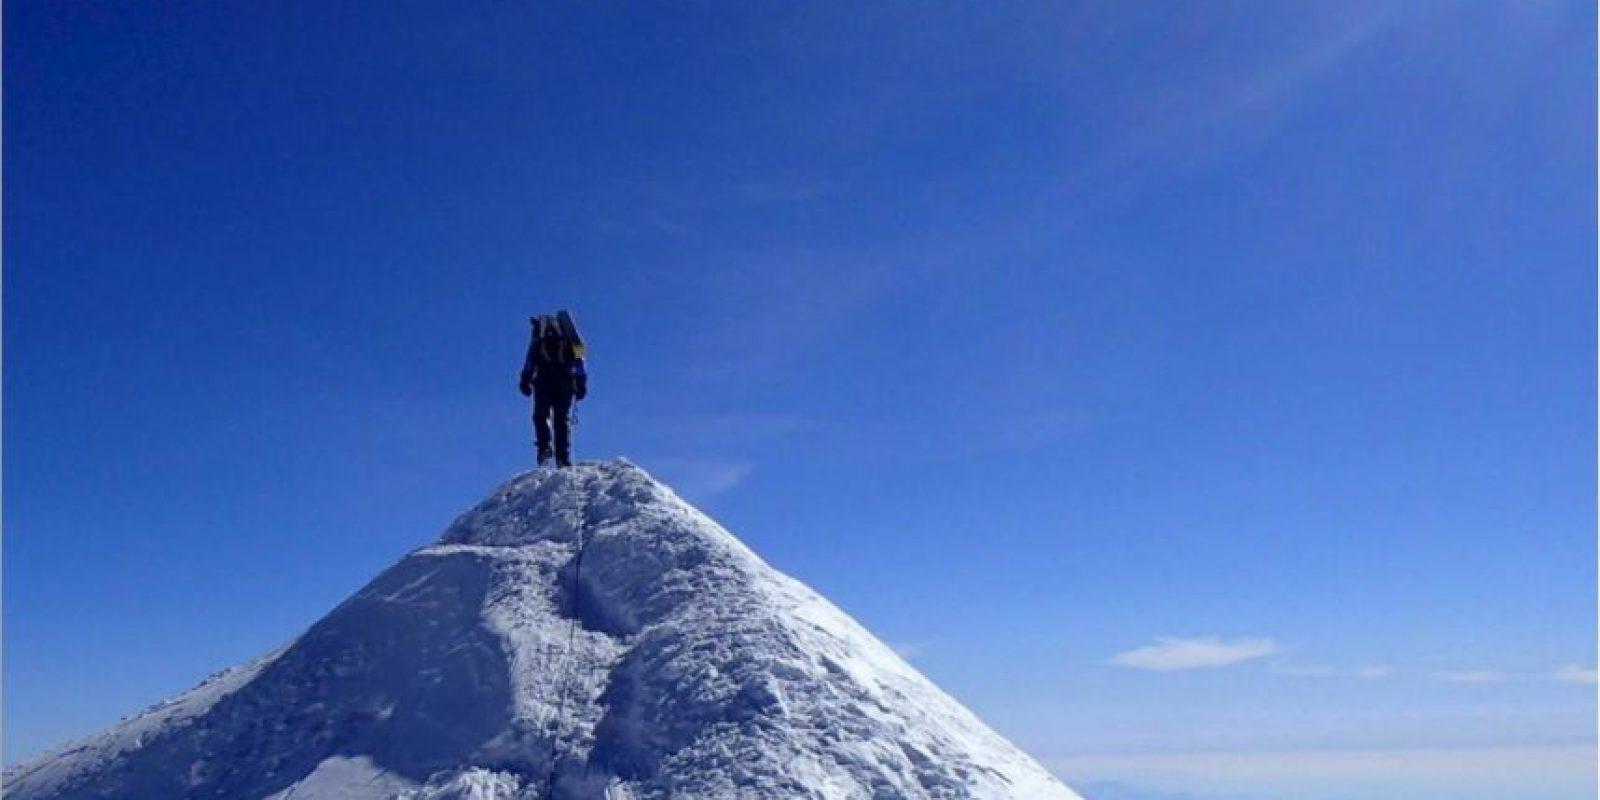 Marca la frontera entre Nepal y China Foto:Facebook/marisa.strydom.10